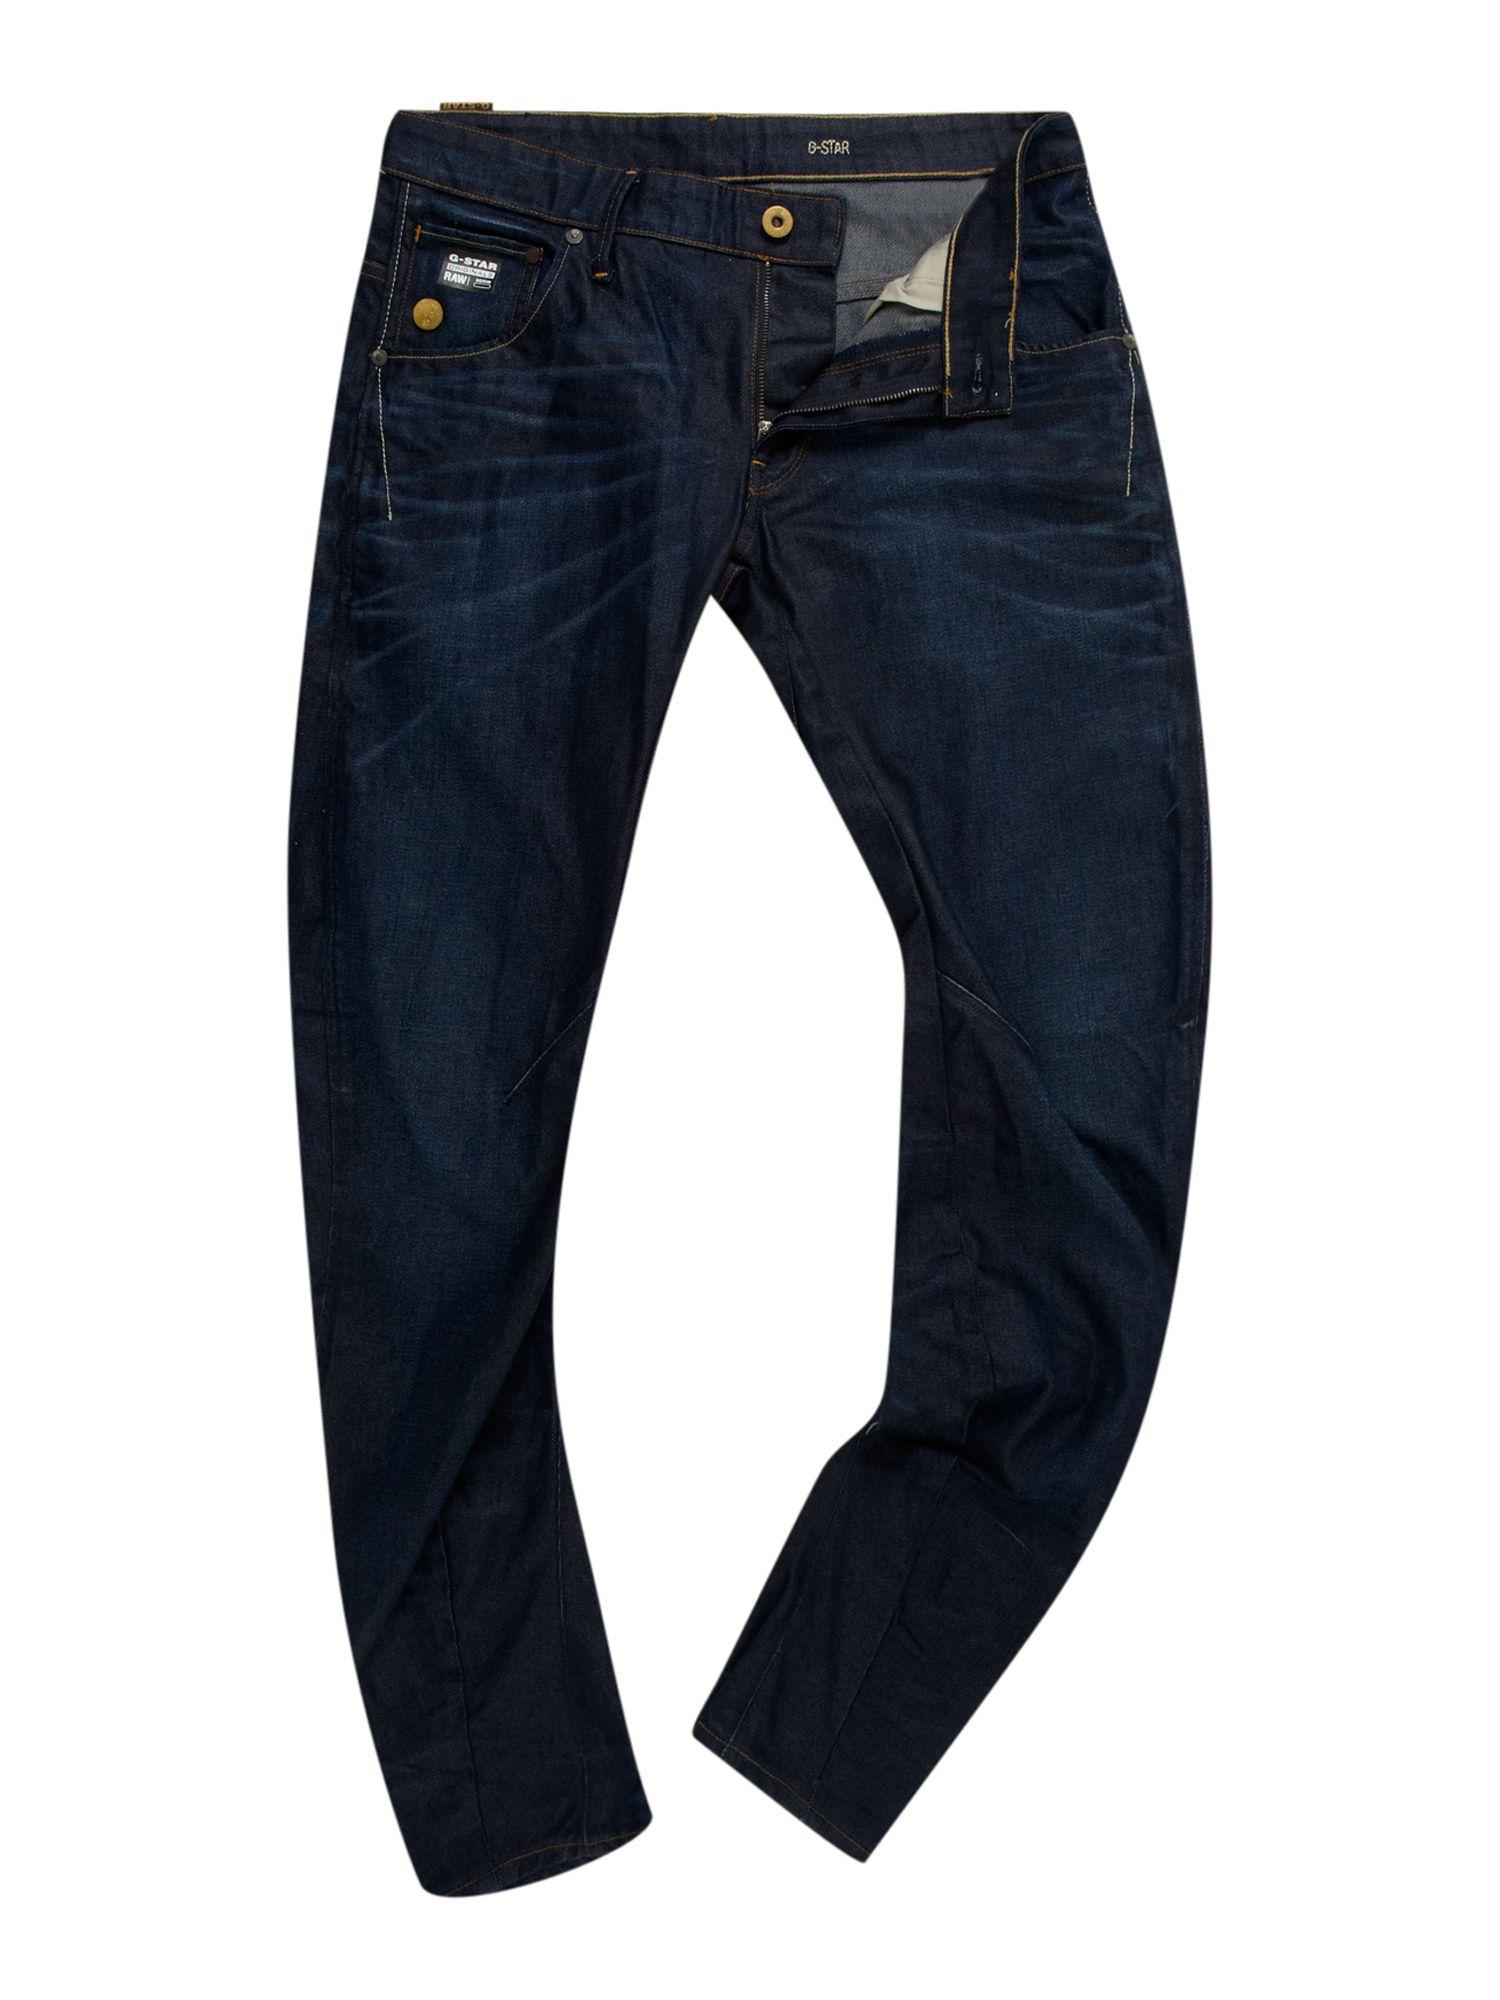 g star raw 3d slim arc fit jeans in blue for men denim. Black Bedroom Furniture Sets. Home Design Ideas